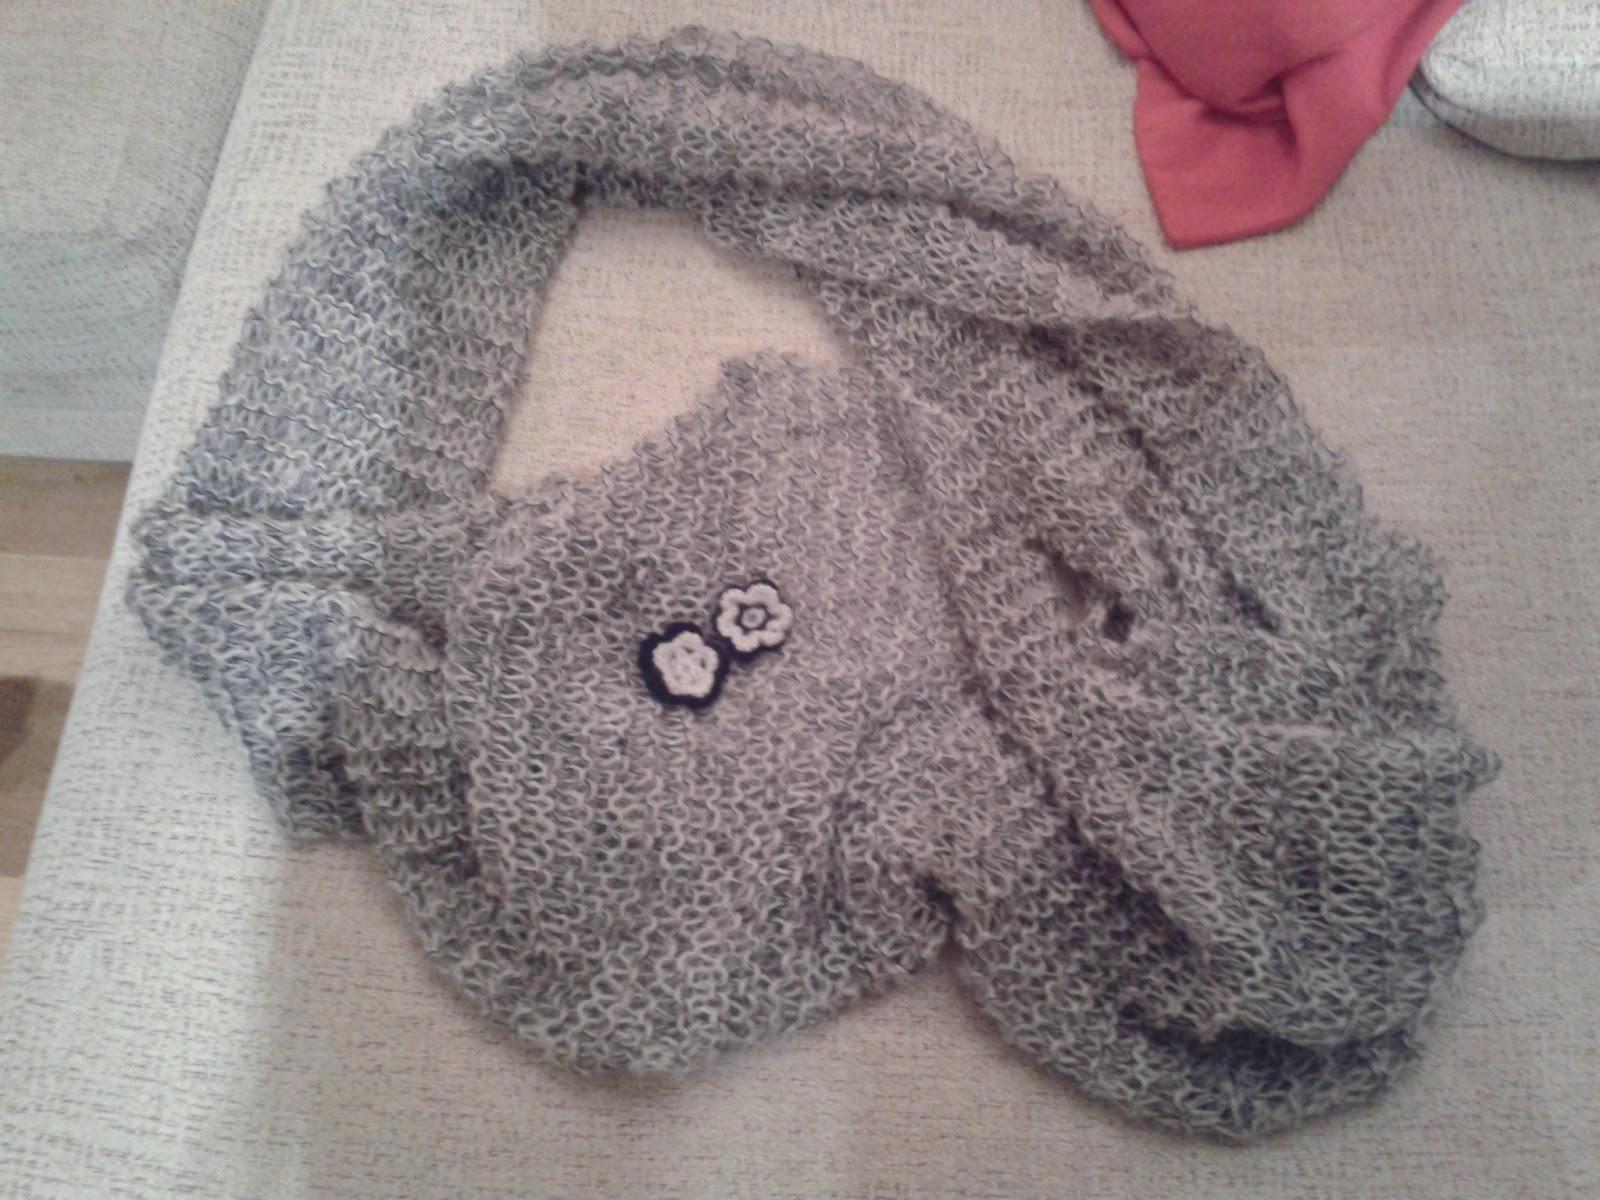 ... cumplida, seguiré haciendo todas las bufandas que me pidan encantada